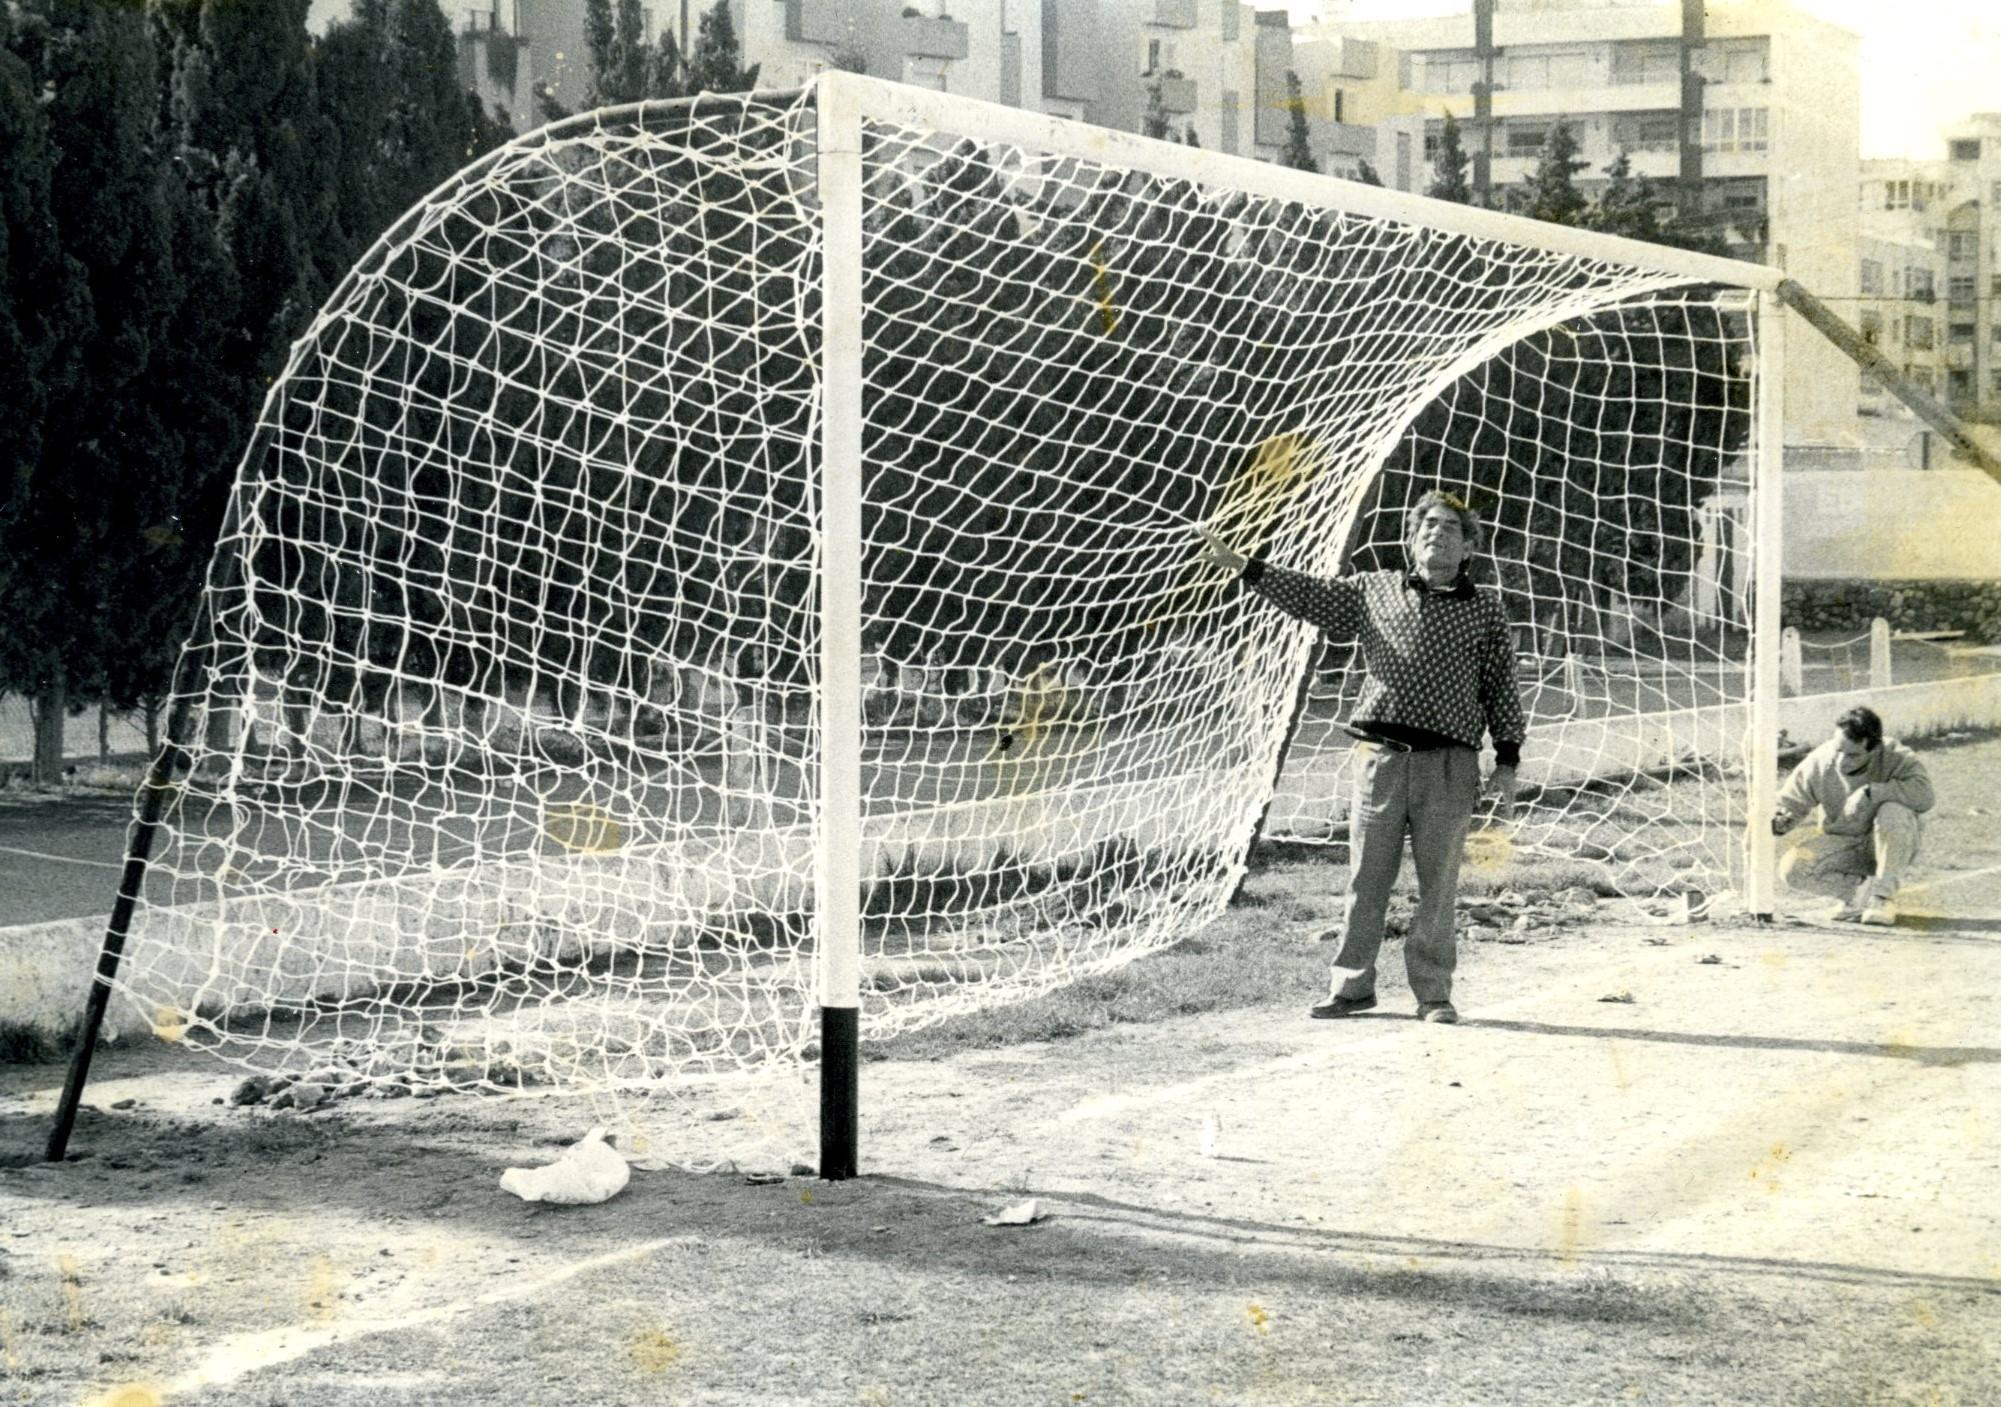 Alejo tenía el campo de fútbol con los chorros del oro. En la imagen, revisa el estado de la red de una de las porterías.